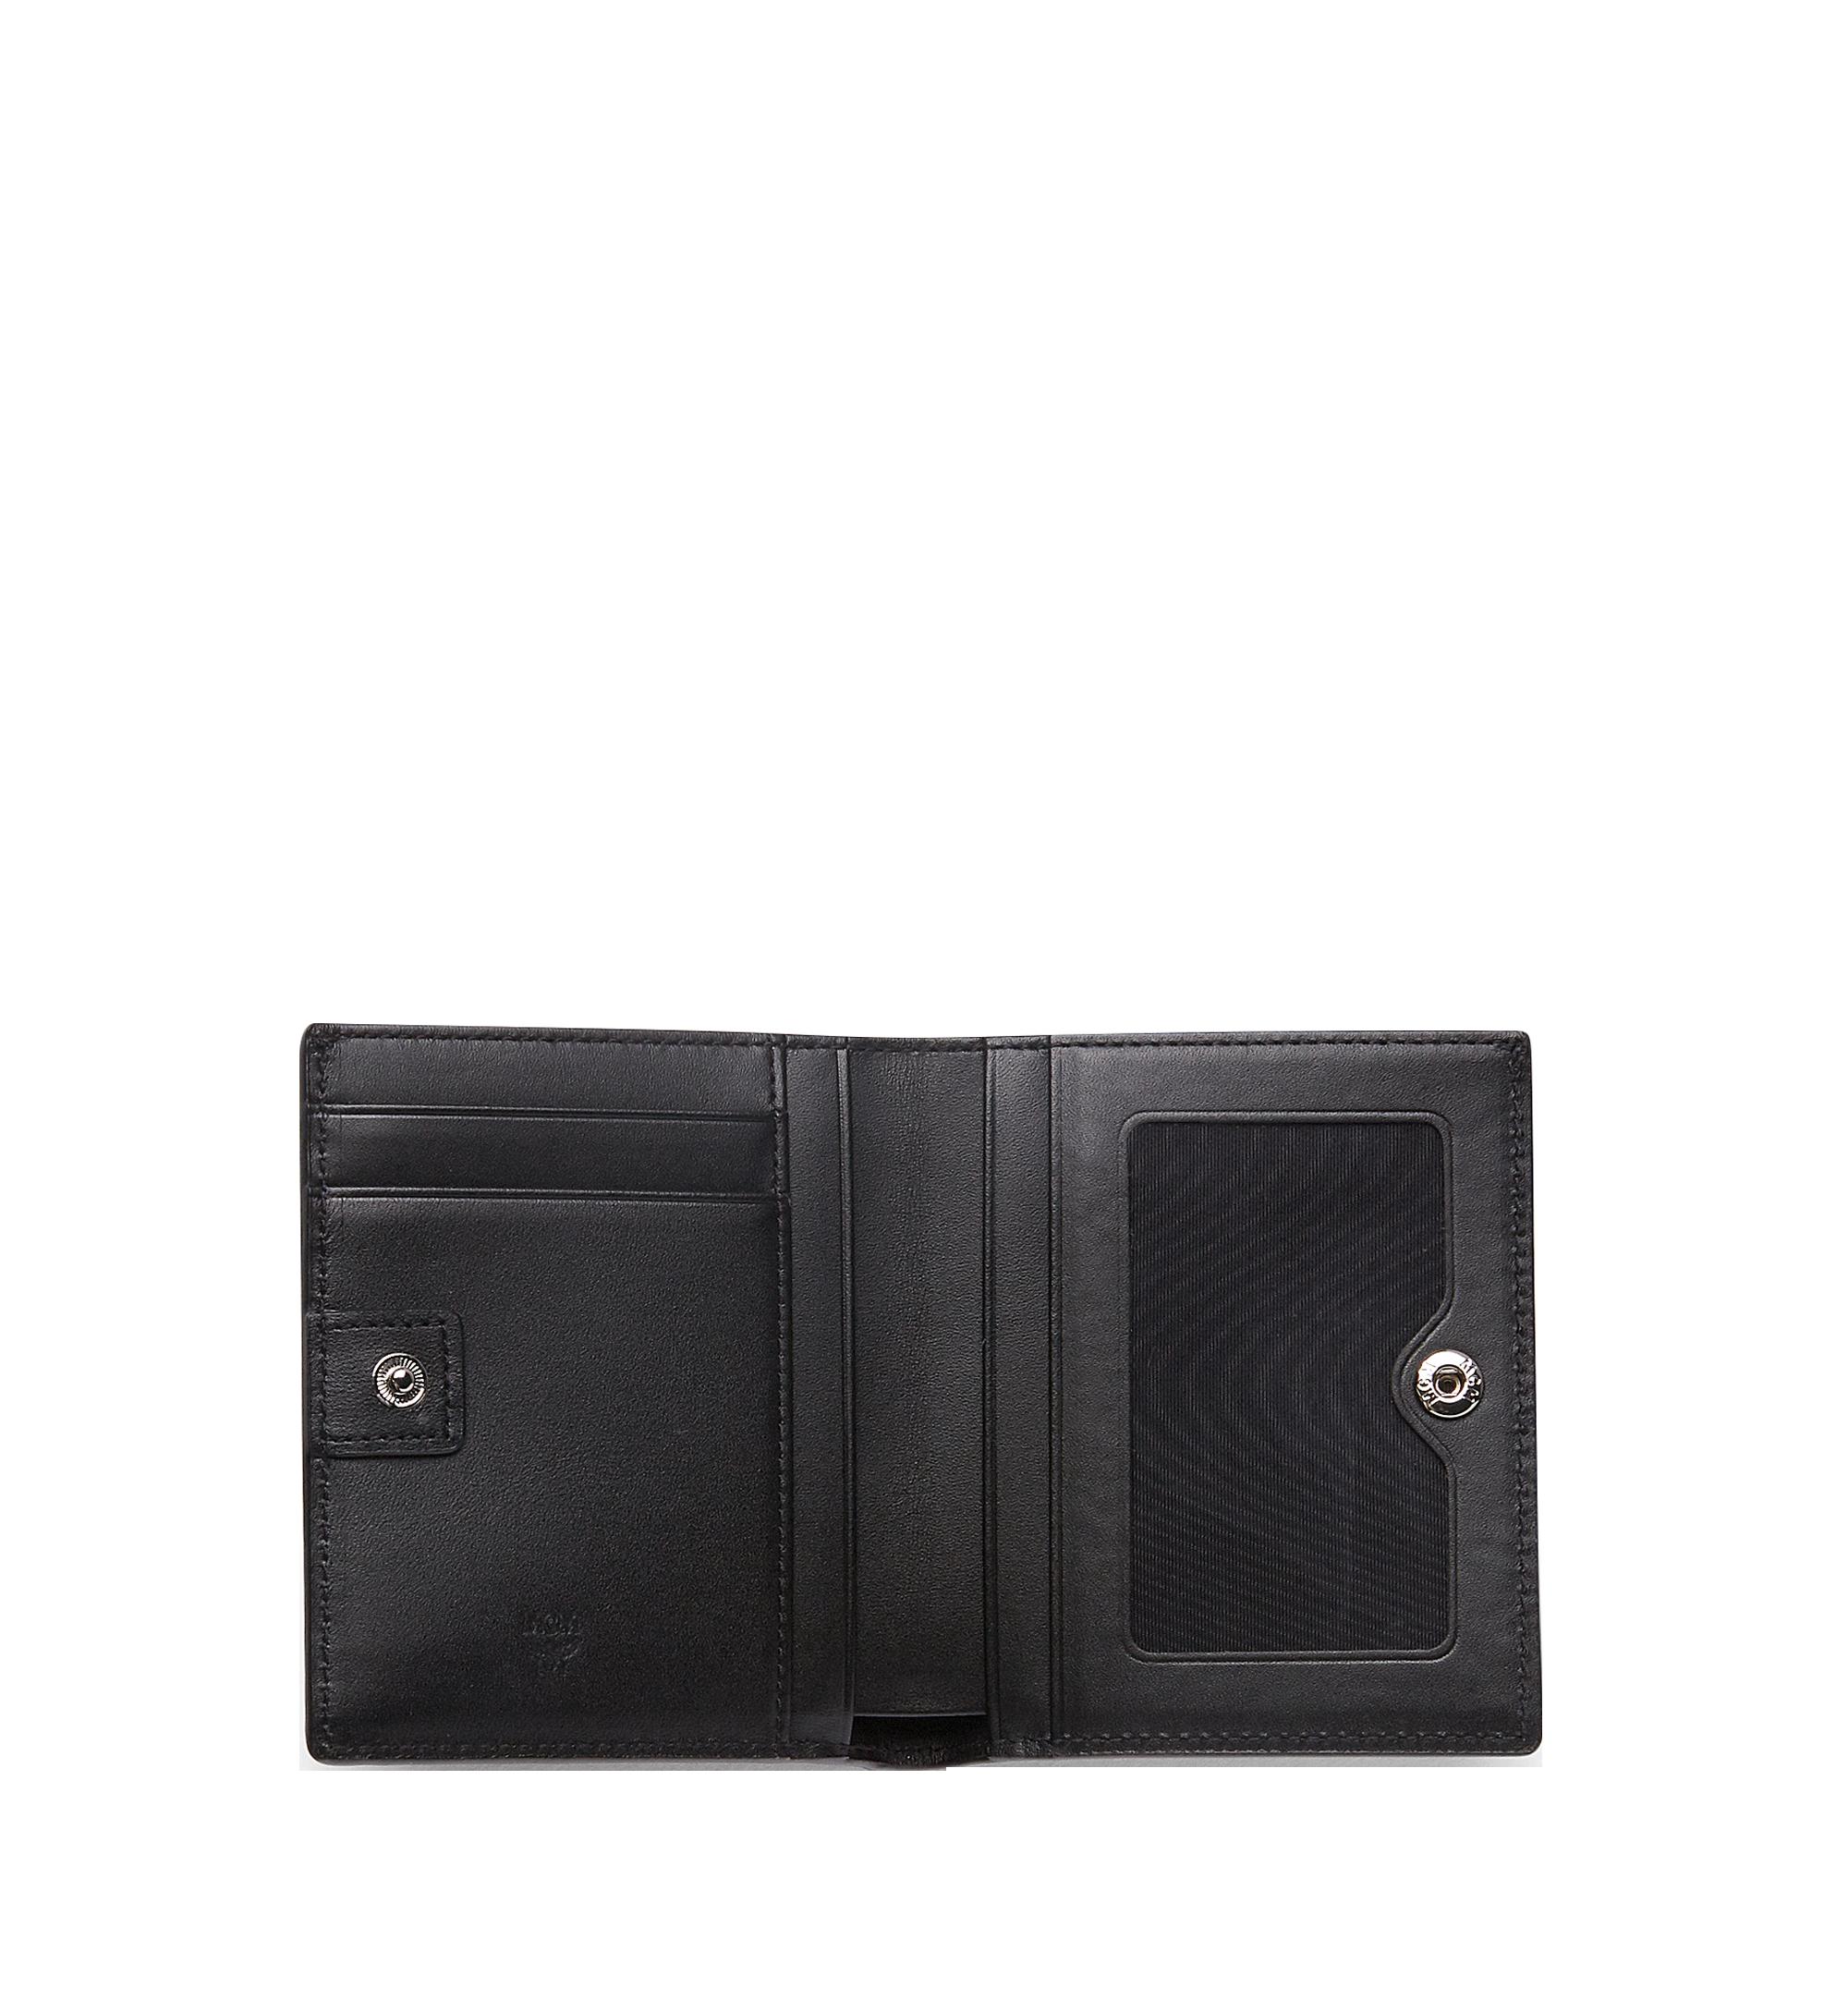 MCM Brieftasche mit Rundum-Reissverschluss in Visetos Original Black MYS8SVI94BK001 Alternate View 4